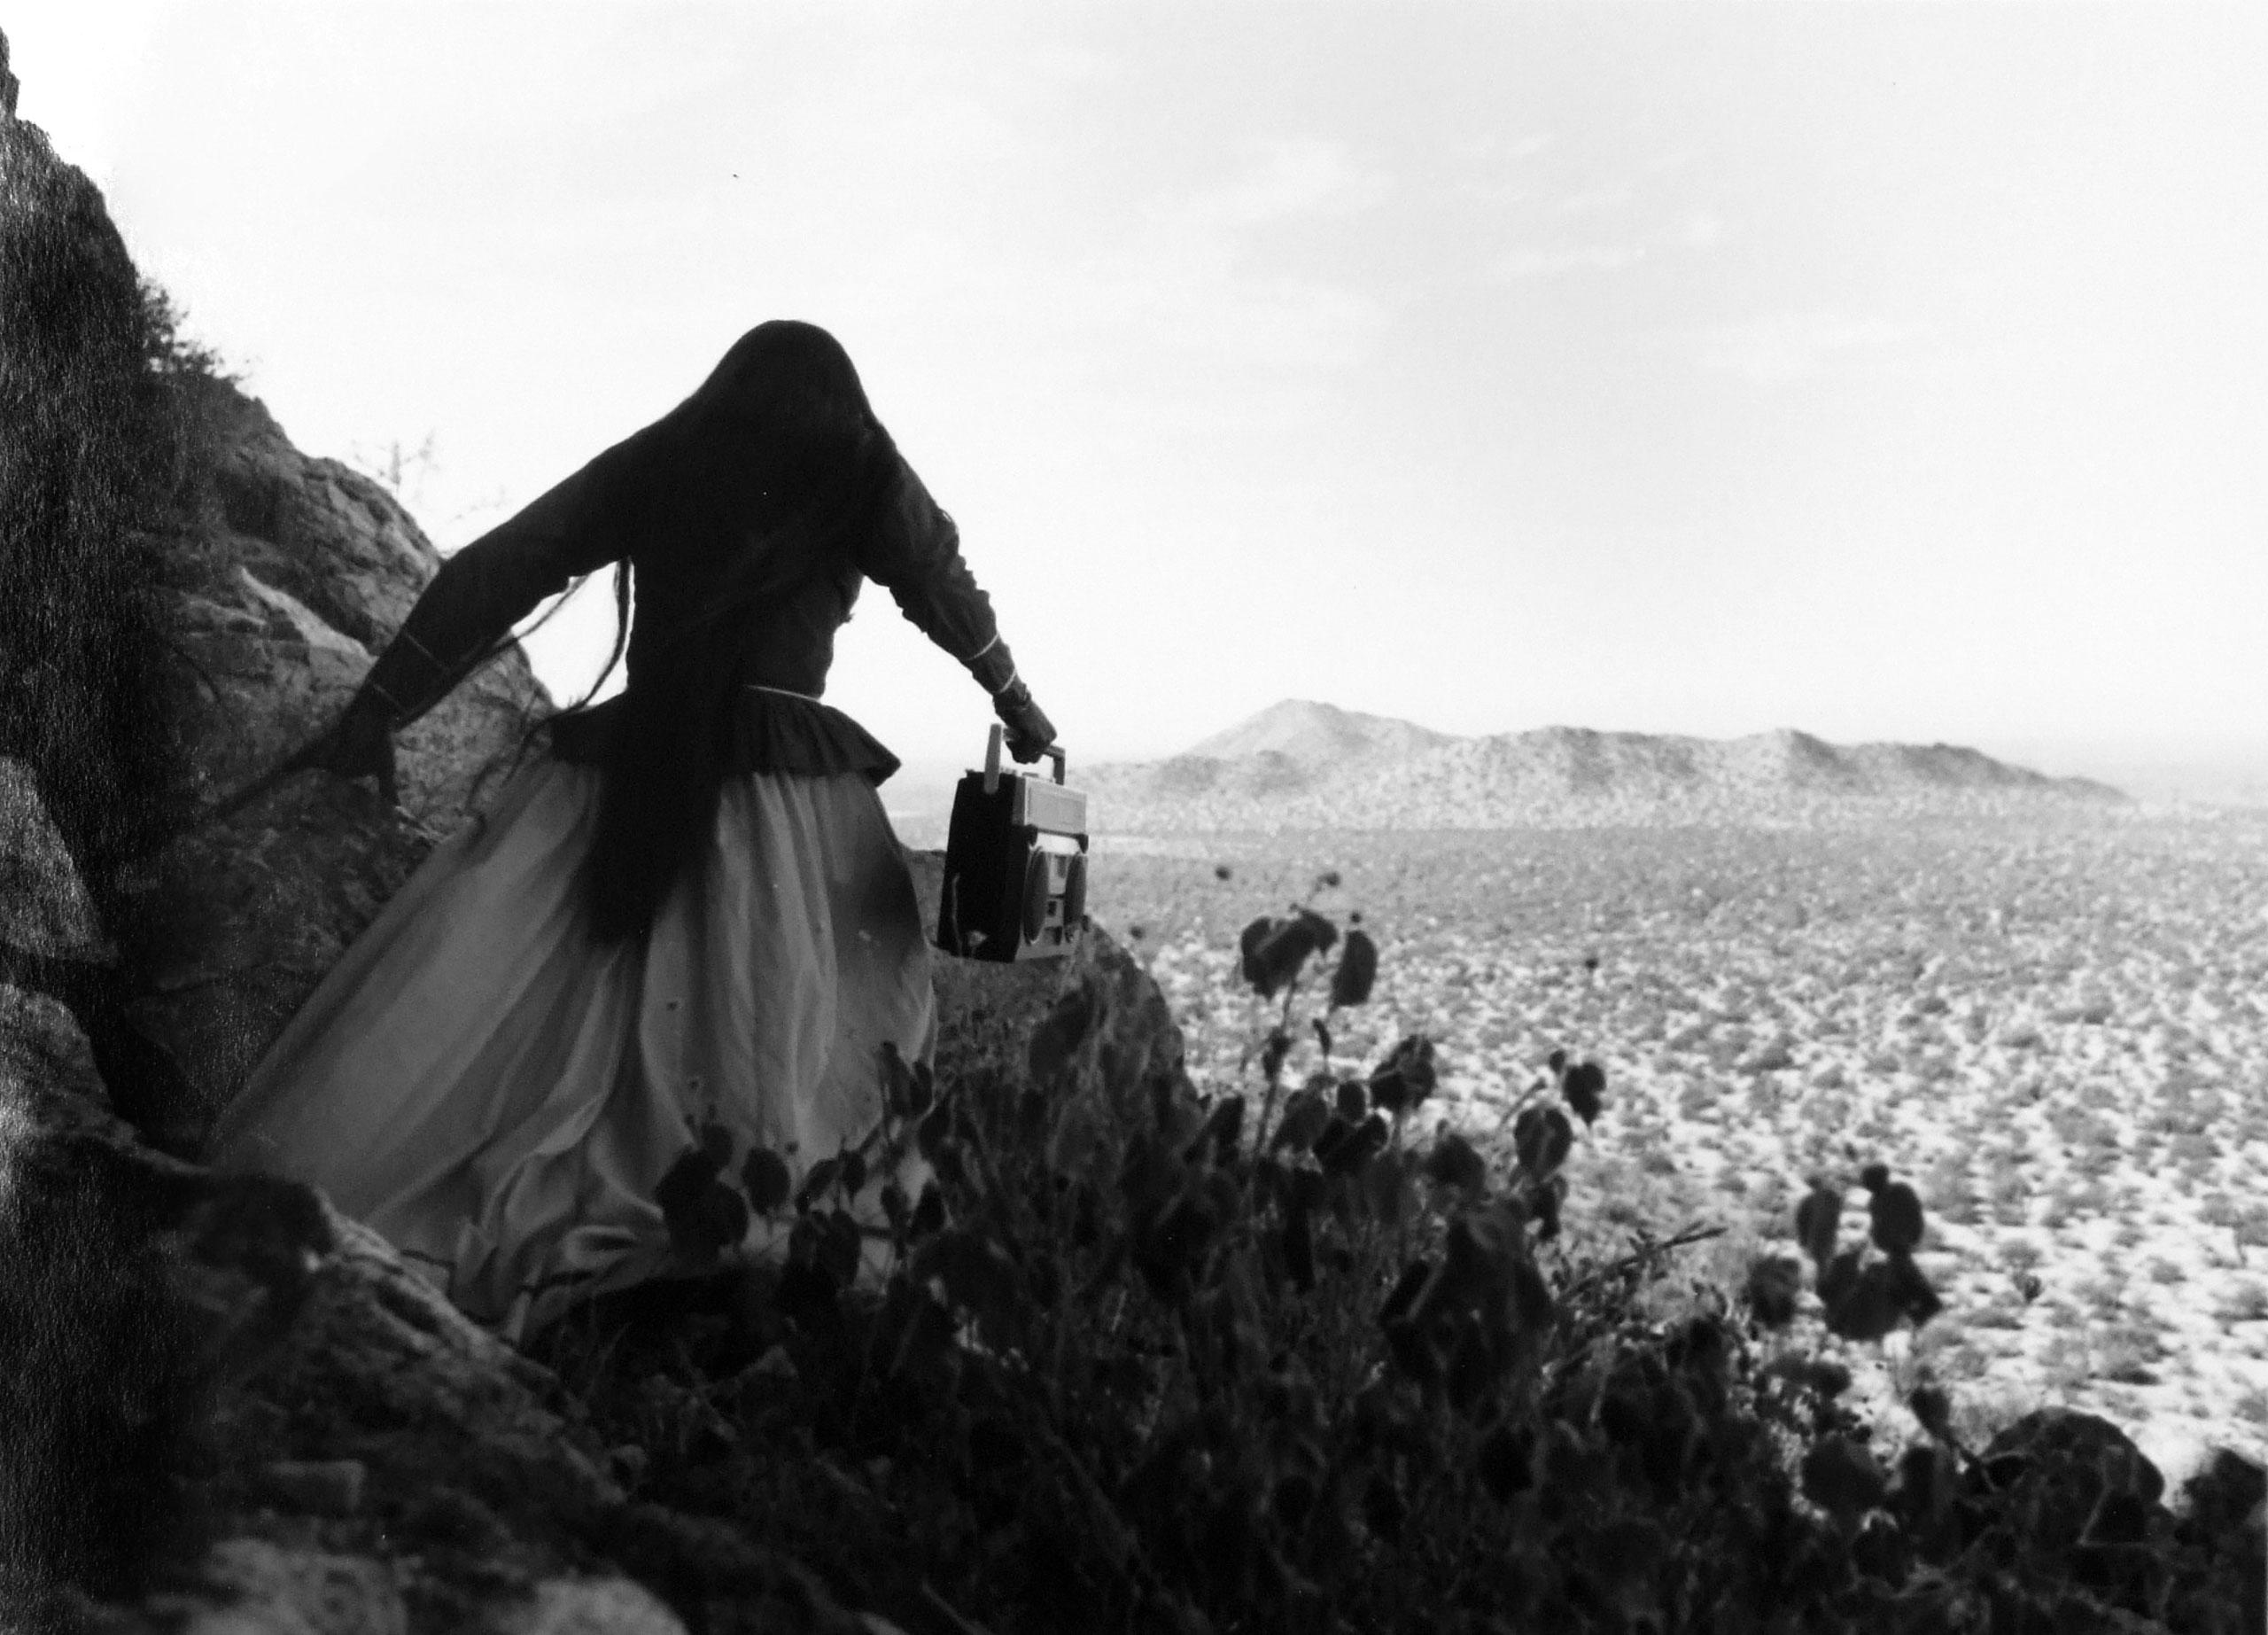 Mujer Angel, from the series Los Que Viven En La Arena